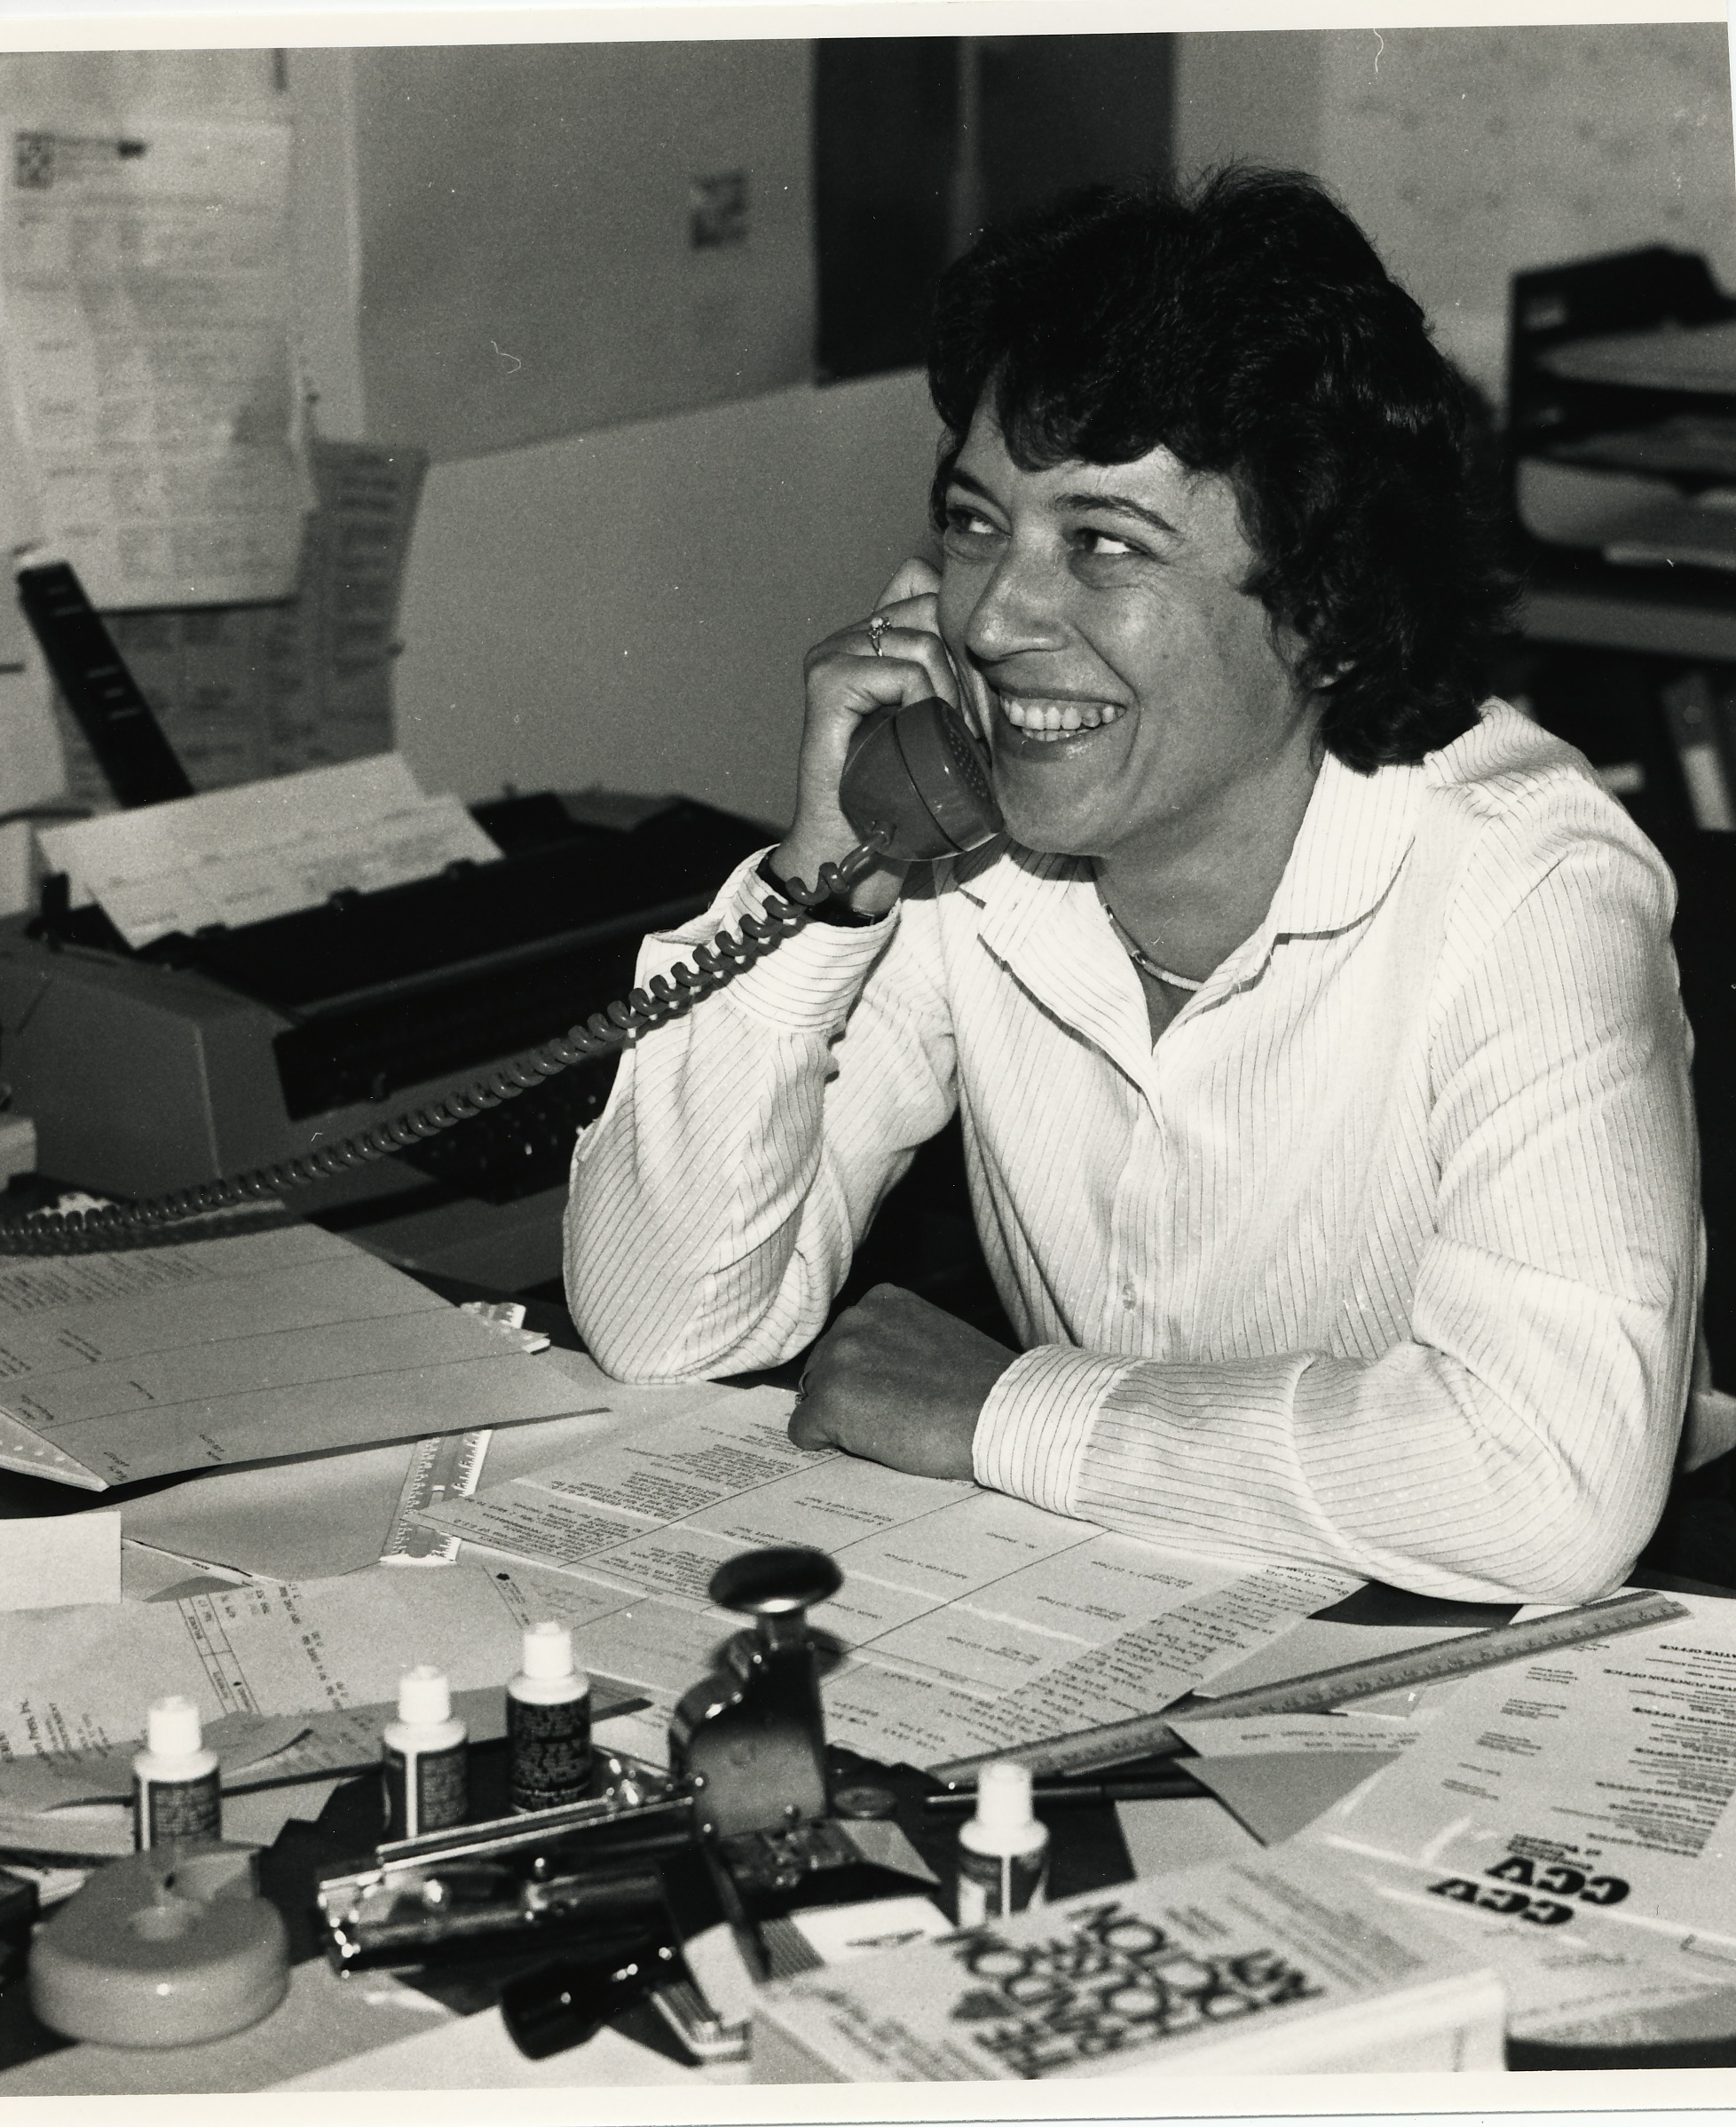 Tina VanHelden